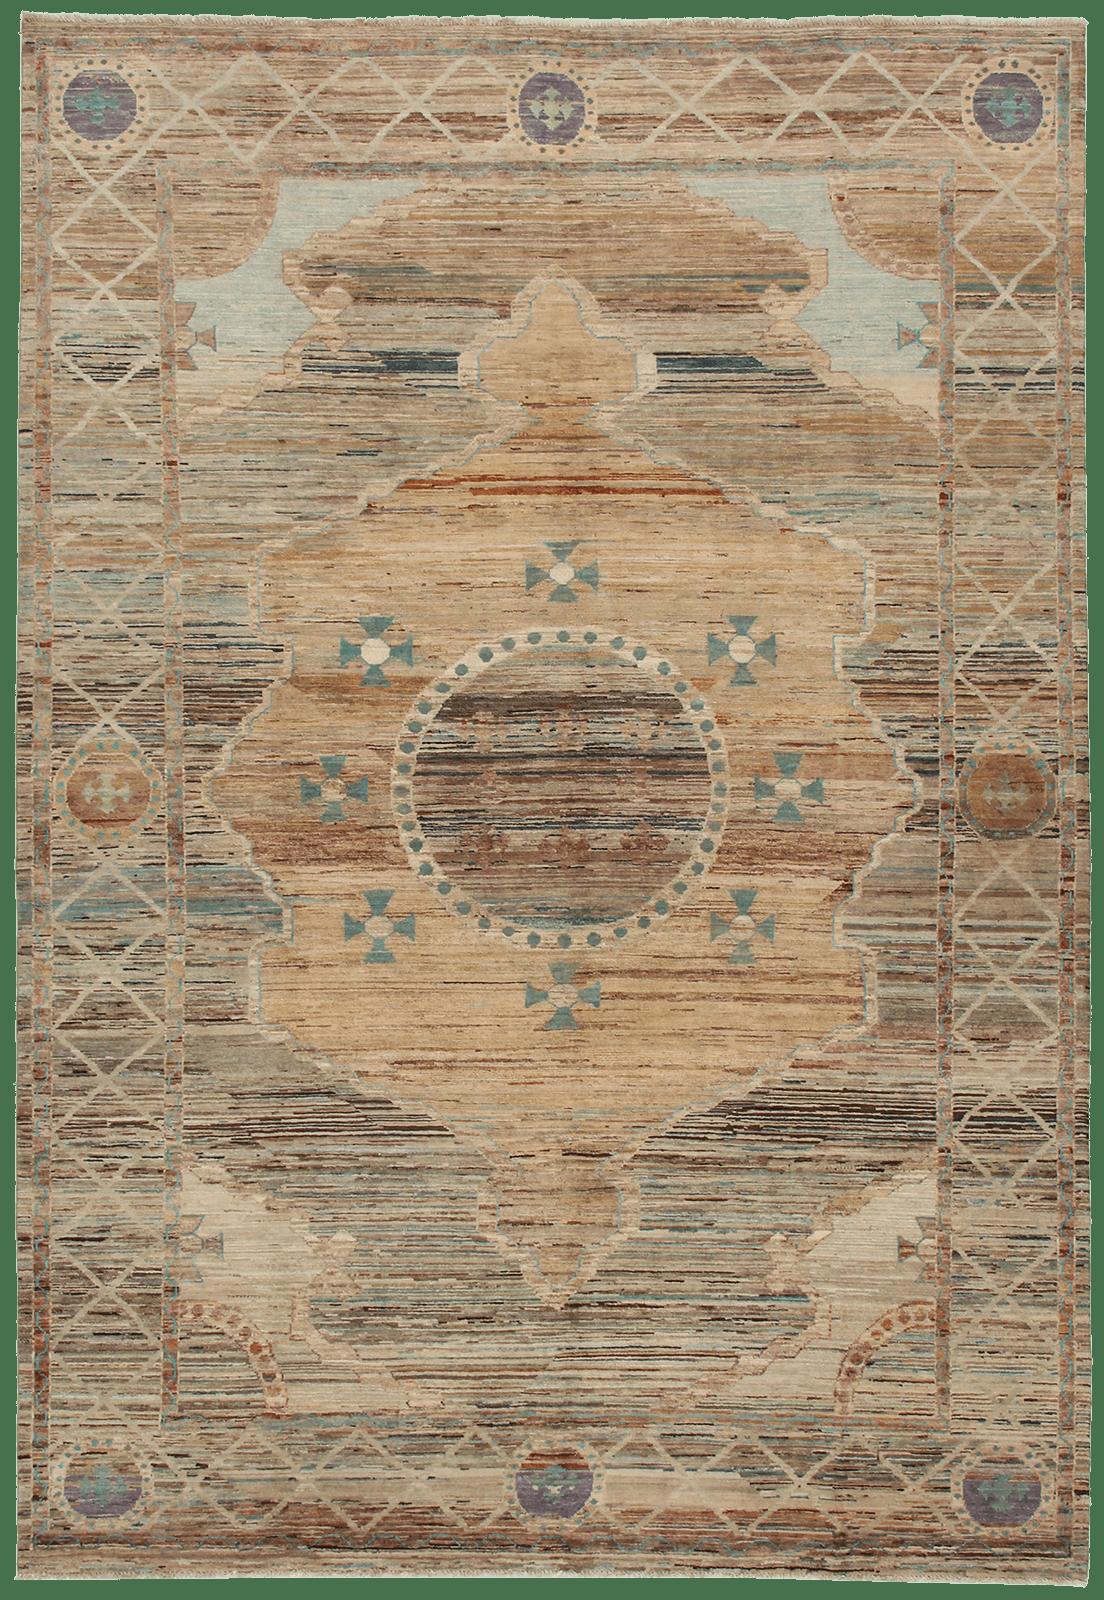 kashkuli-smaragd-tapijt-oosterse-perzische-tapijten-luxe-exclusieve-vloerkleden-bruin-blauw-beige-turquoise-293x203-koreman-maastricht